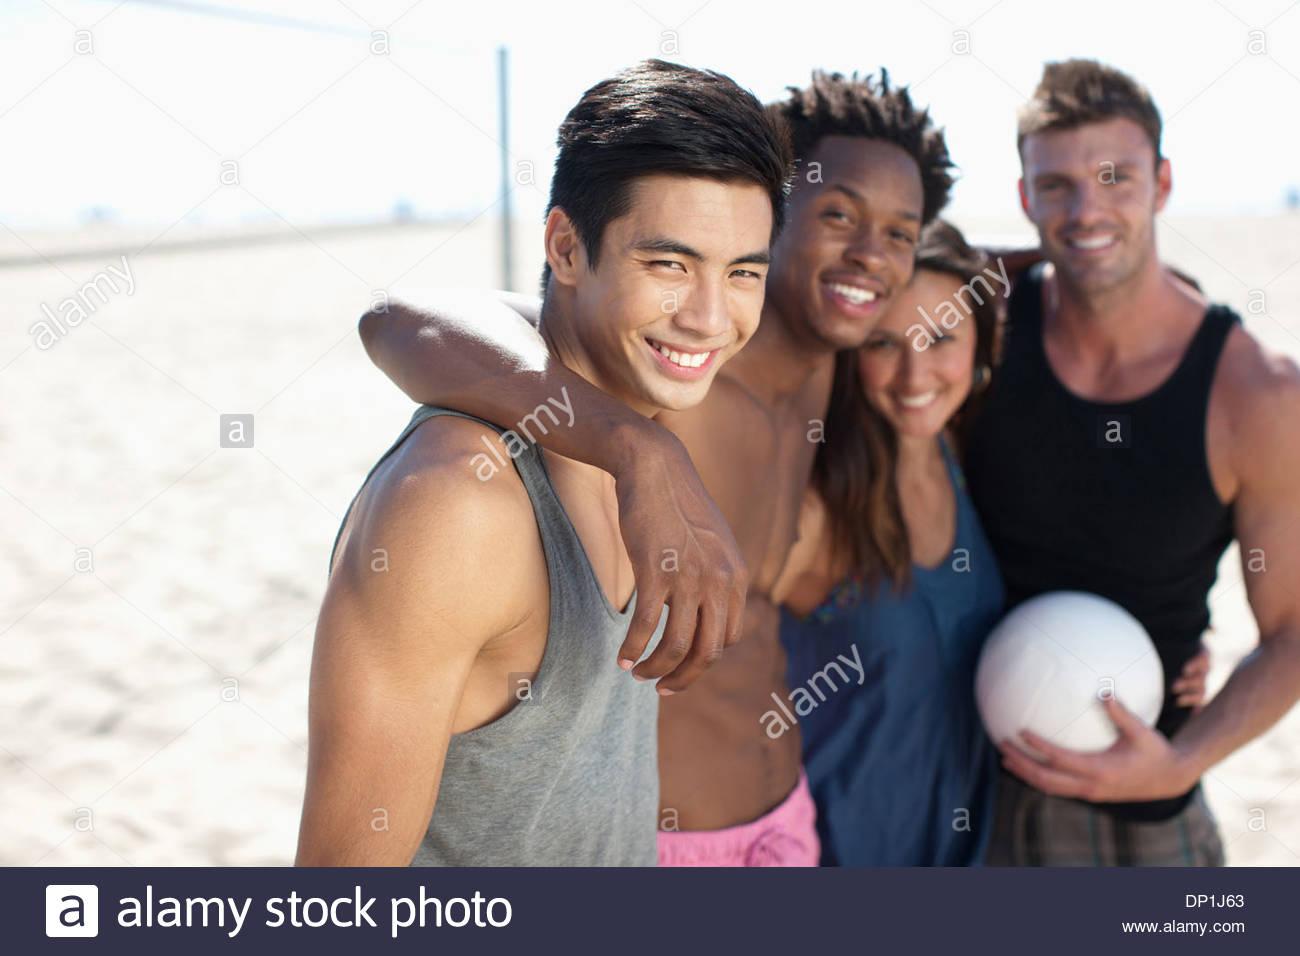 Vier Personen stehen am Beach-Volleyballplatz Stockbild